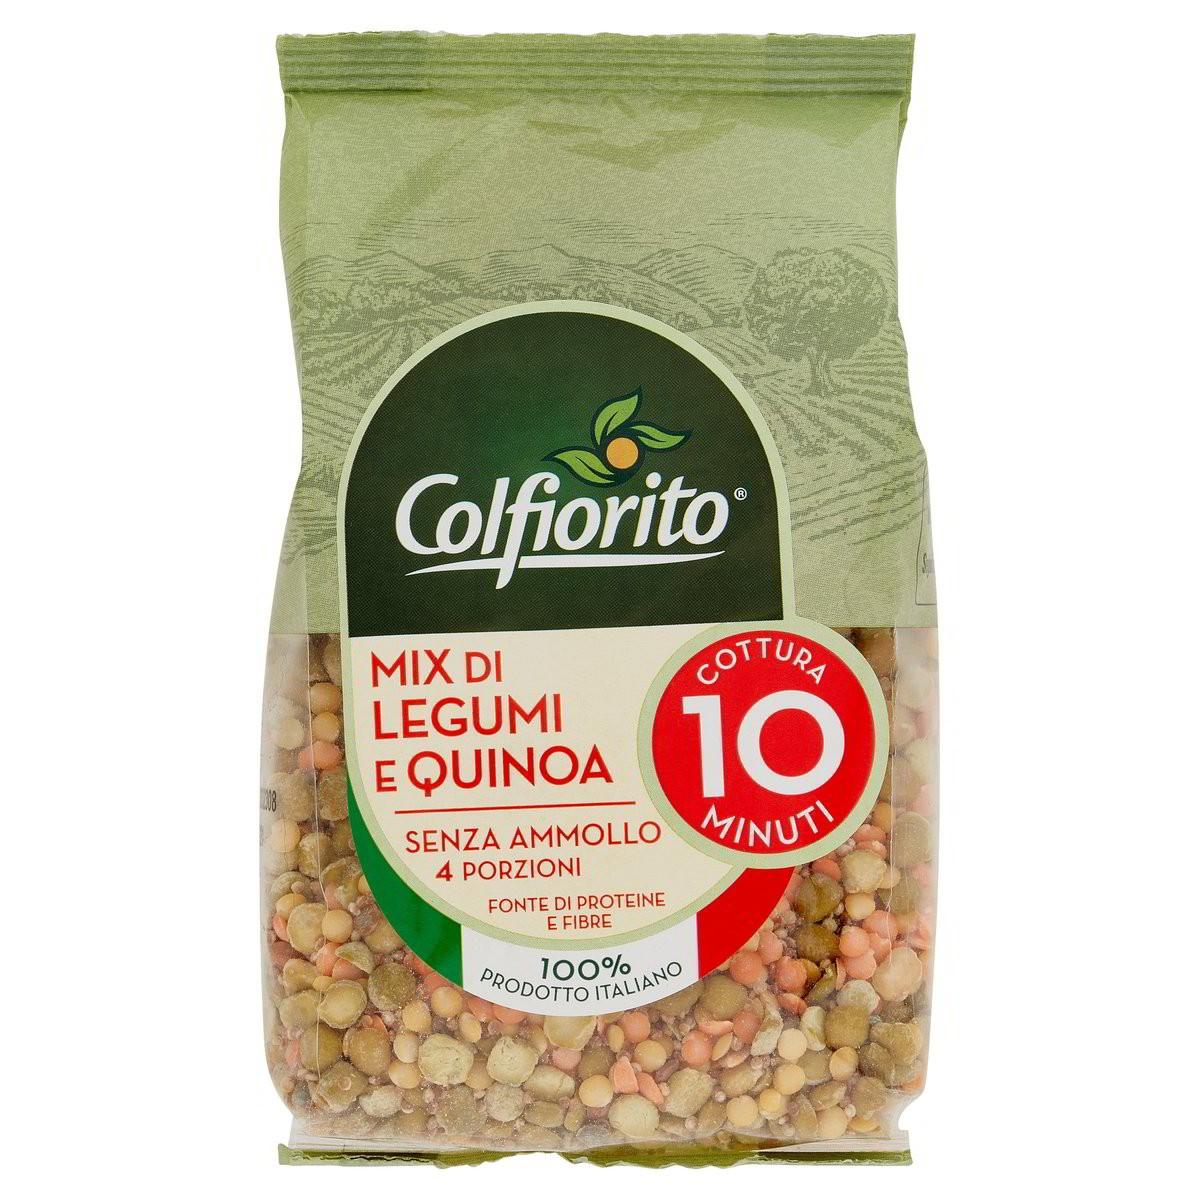 Colfiorito Mix Di Legumi E Quinoa